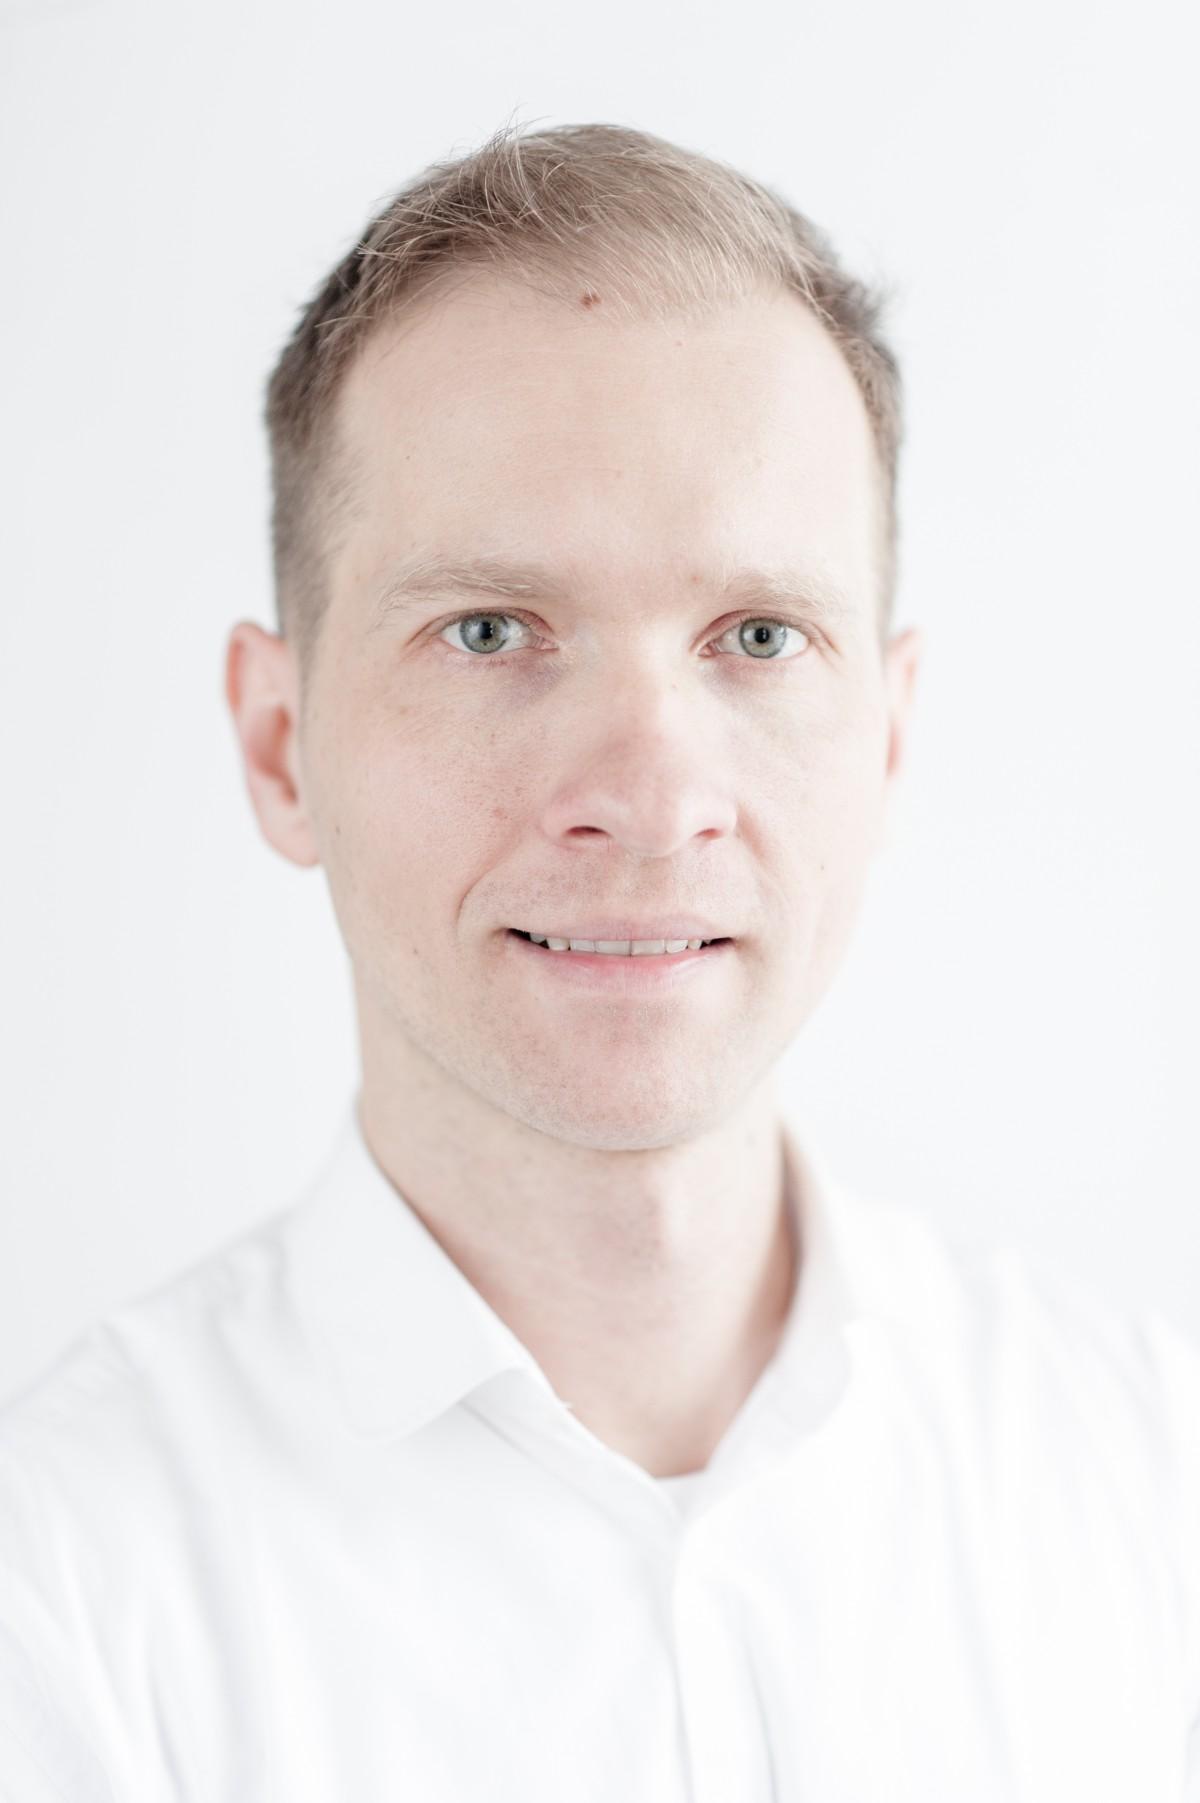 Filip Nedielka